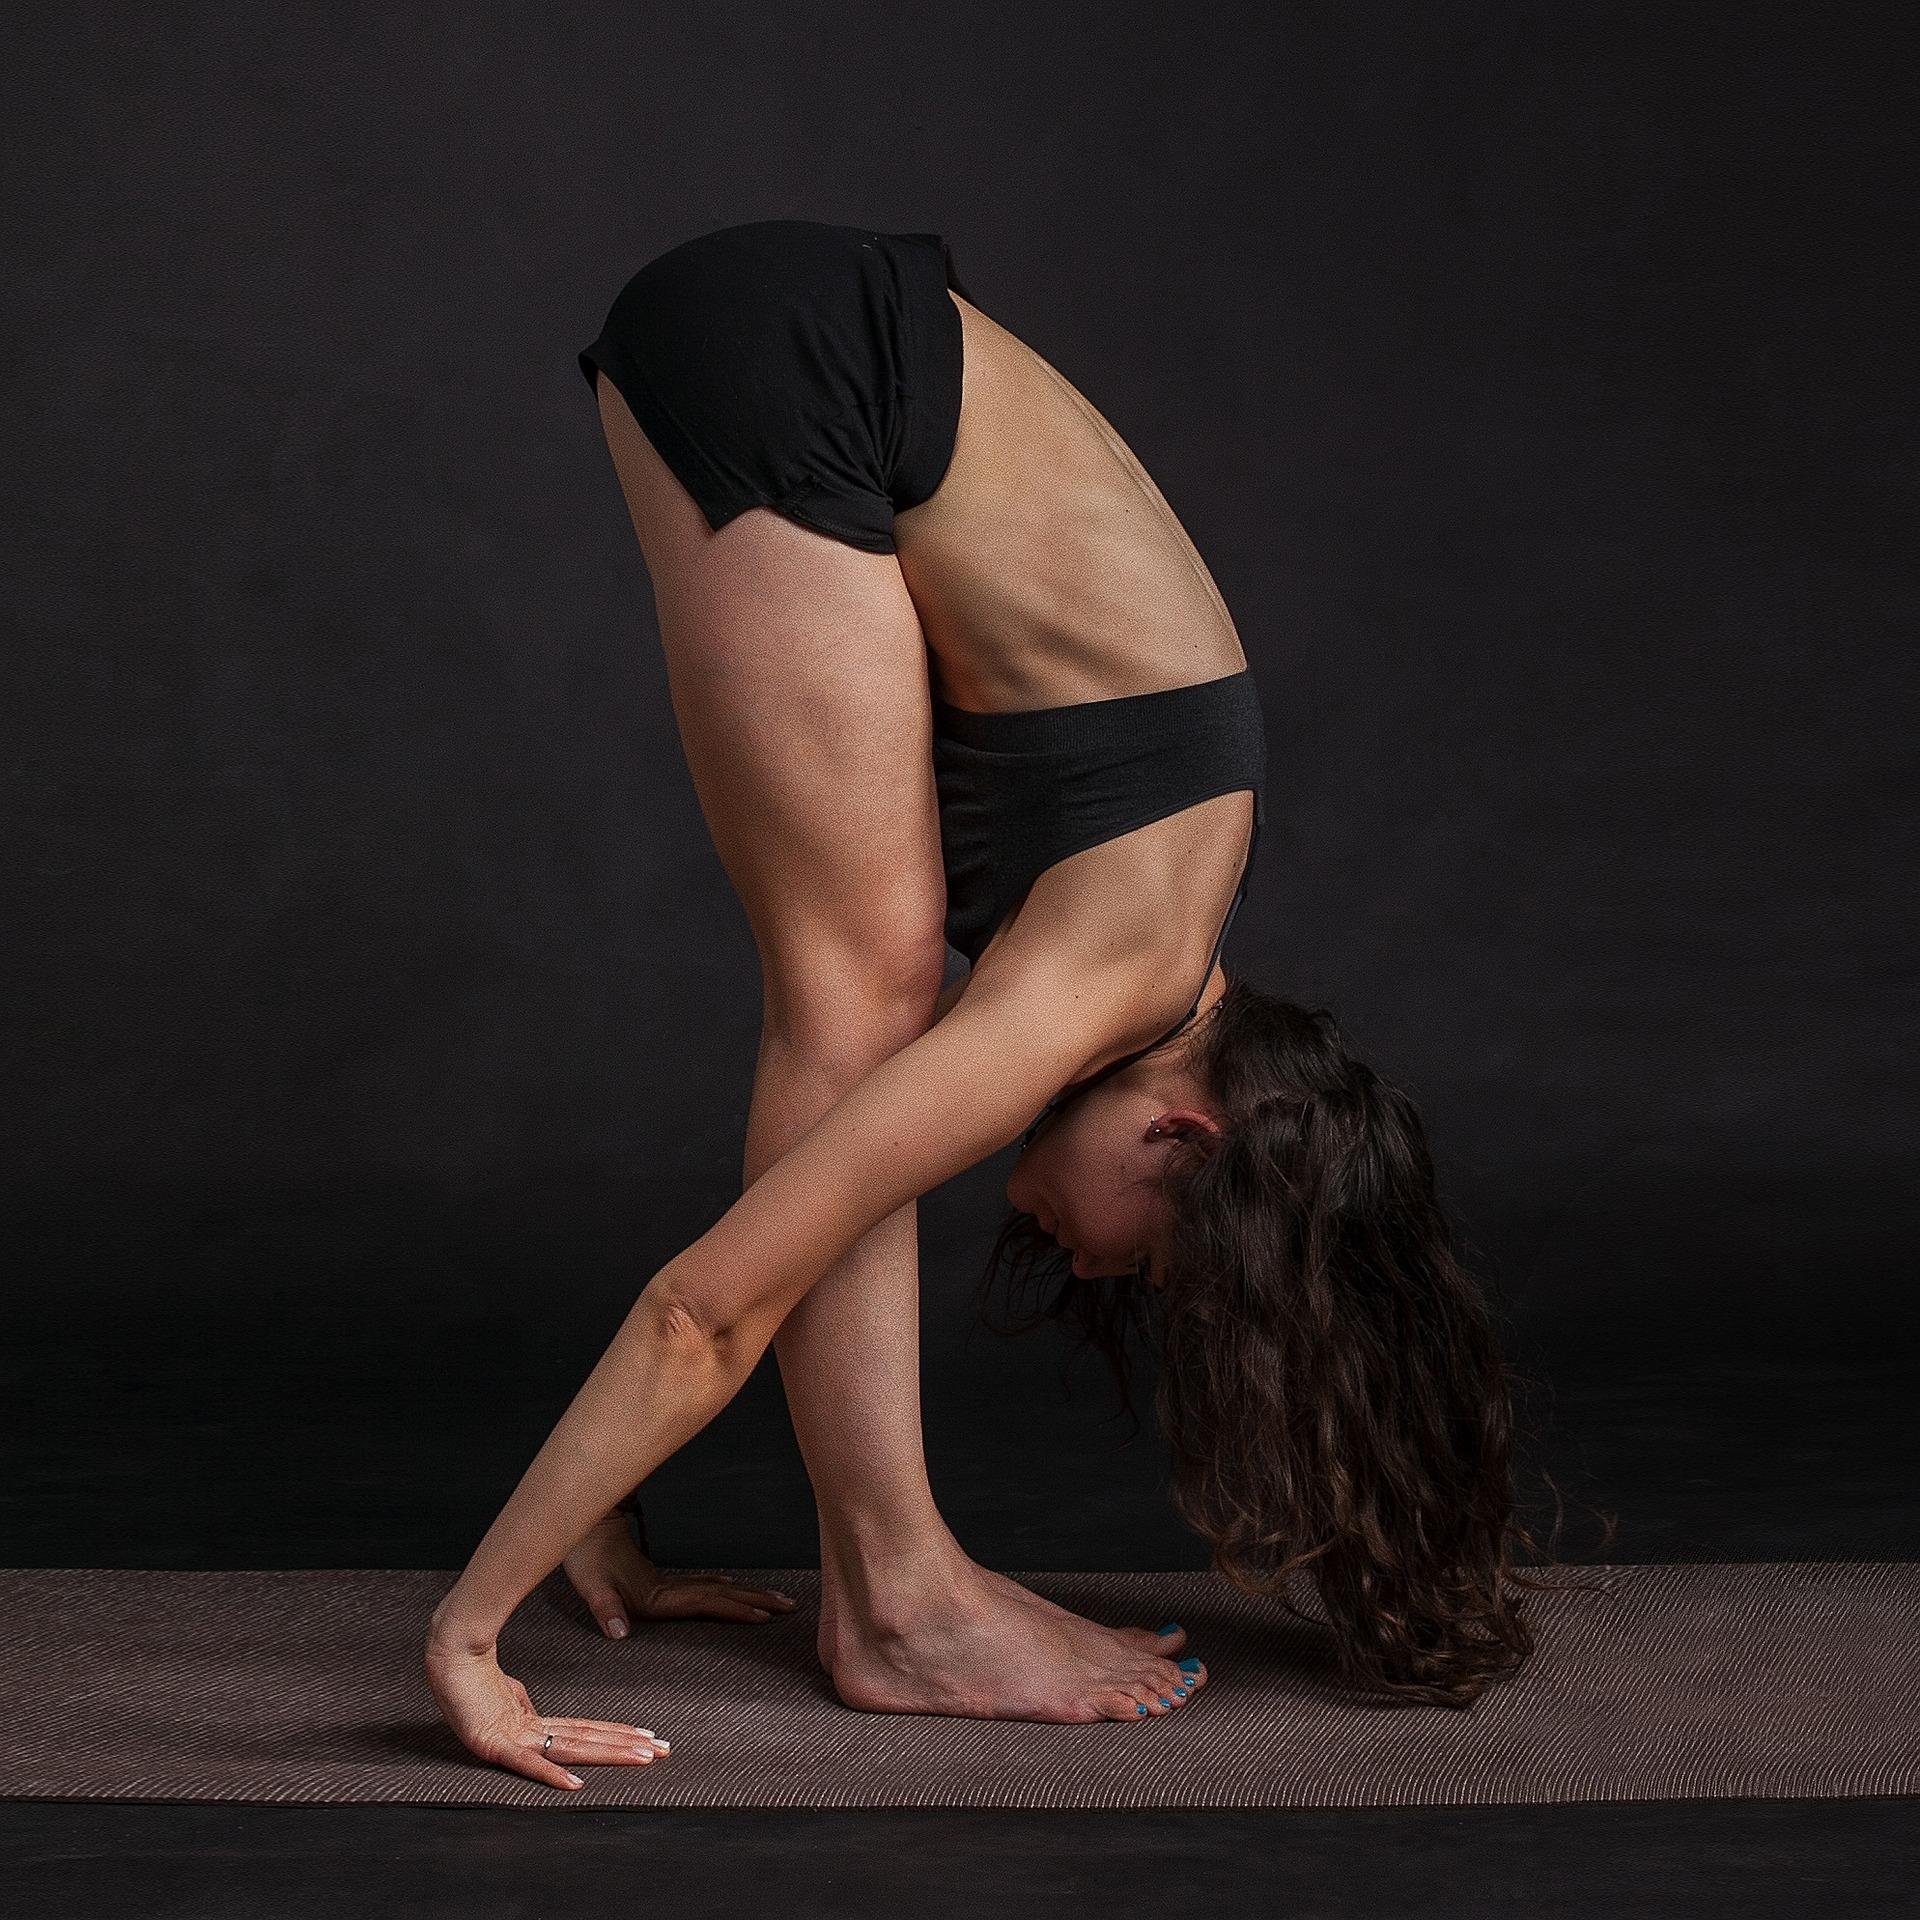 Frau mit schwarzer Unterwäsche beim Turbo Stretching